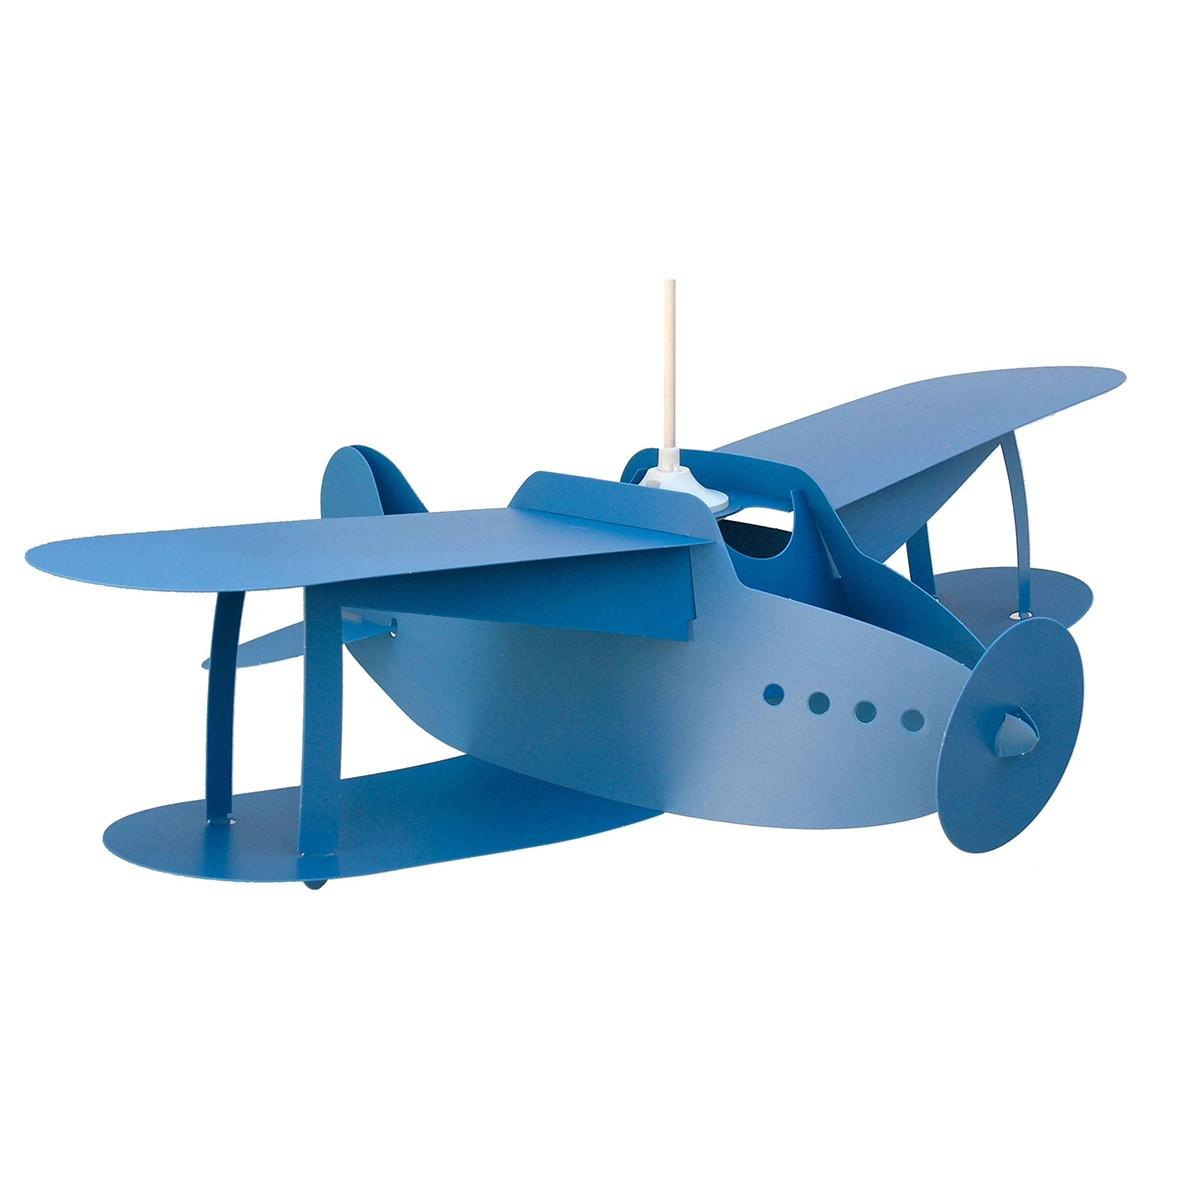 Φωτιστικό Οροφής R&M Coudert Αεροπλάνο Μπλε